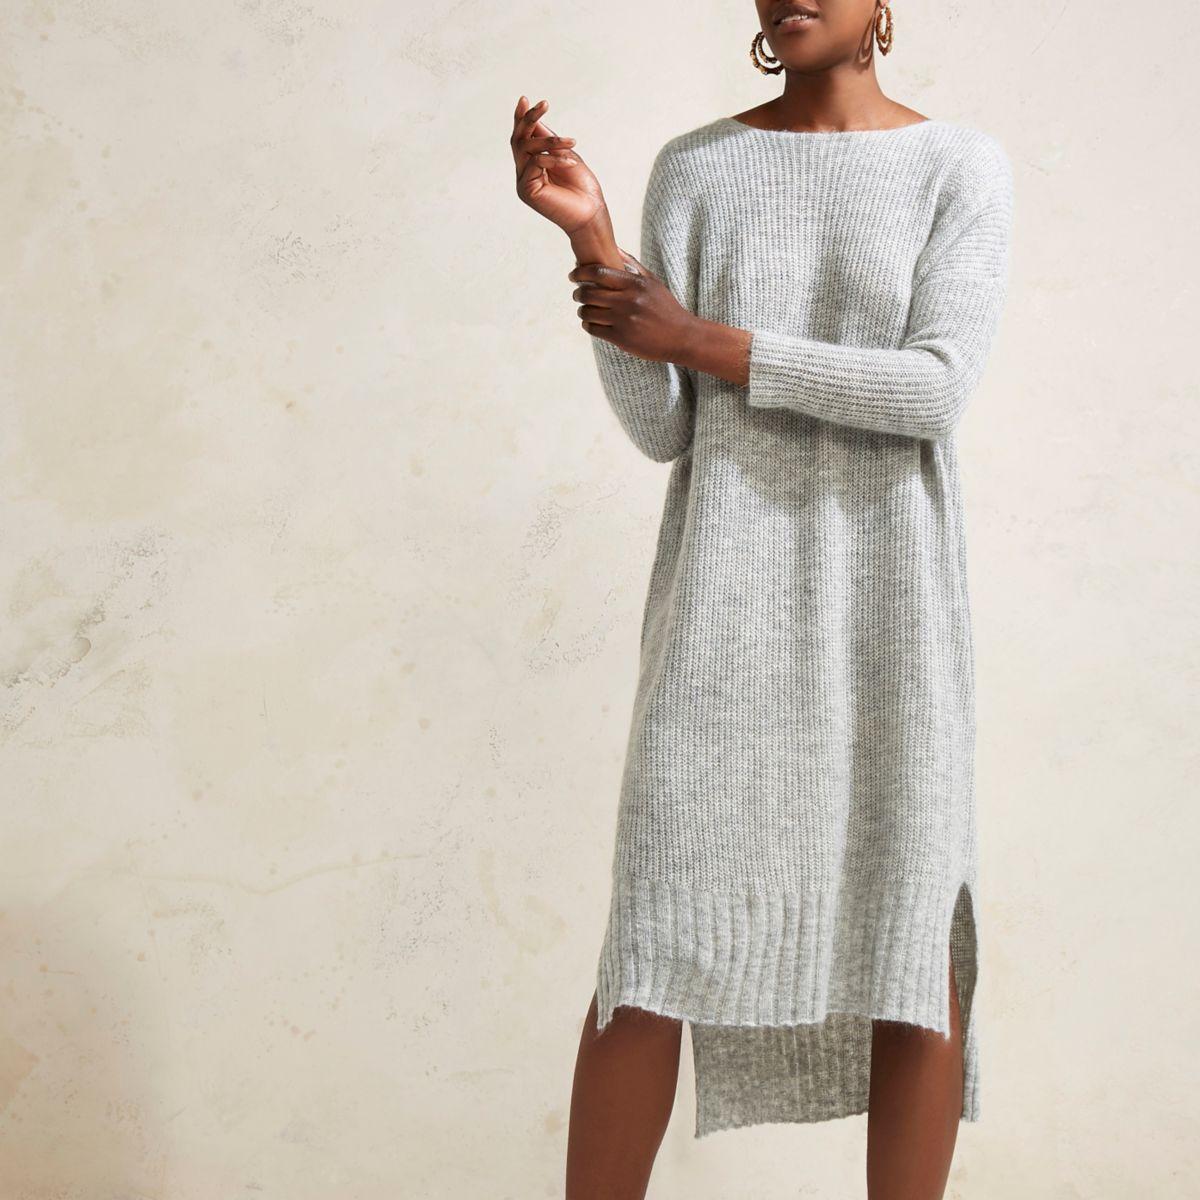 Grey RI Studio maxi sweater knit dress